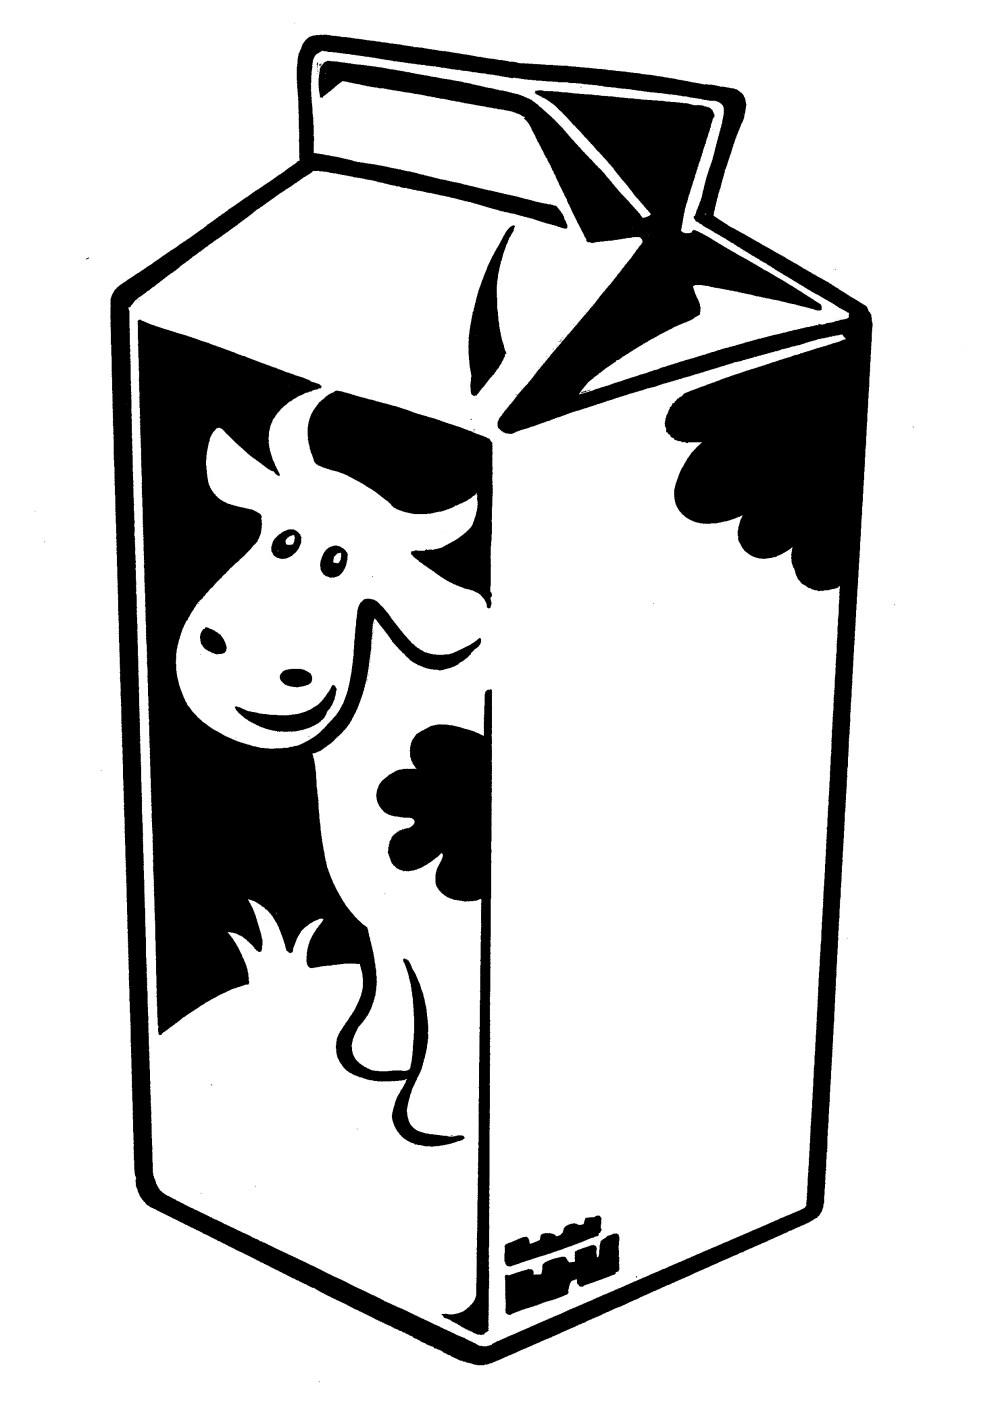 medium resolution of milk carton clip art